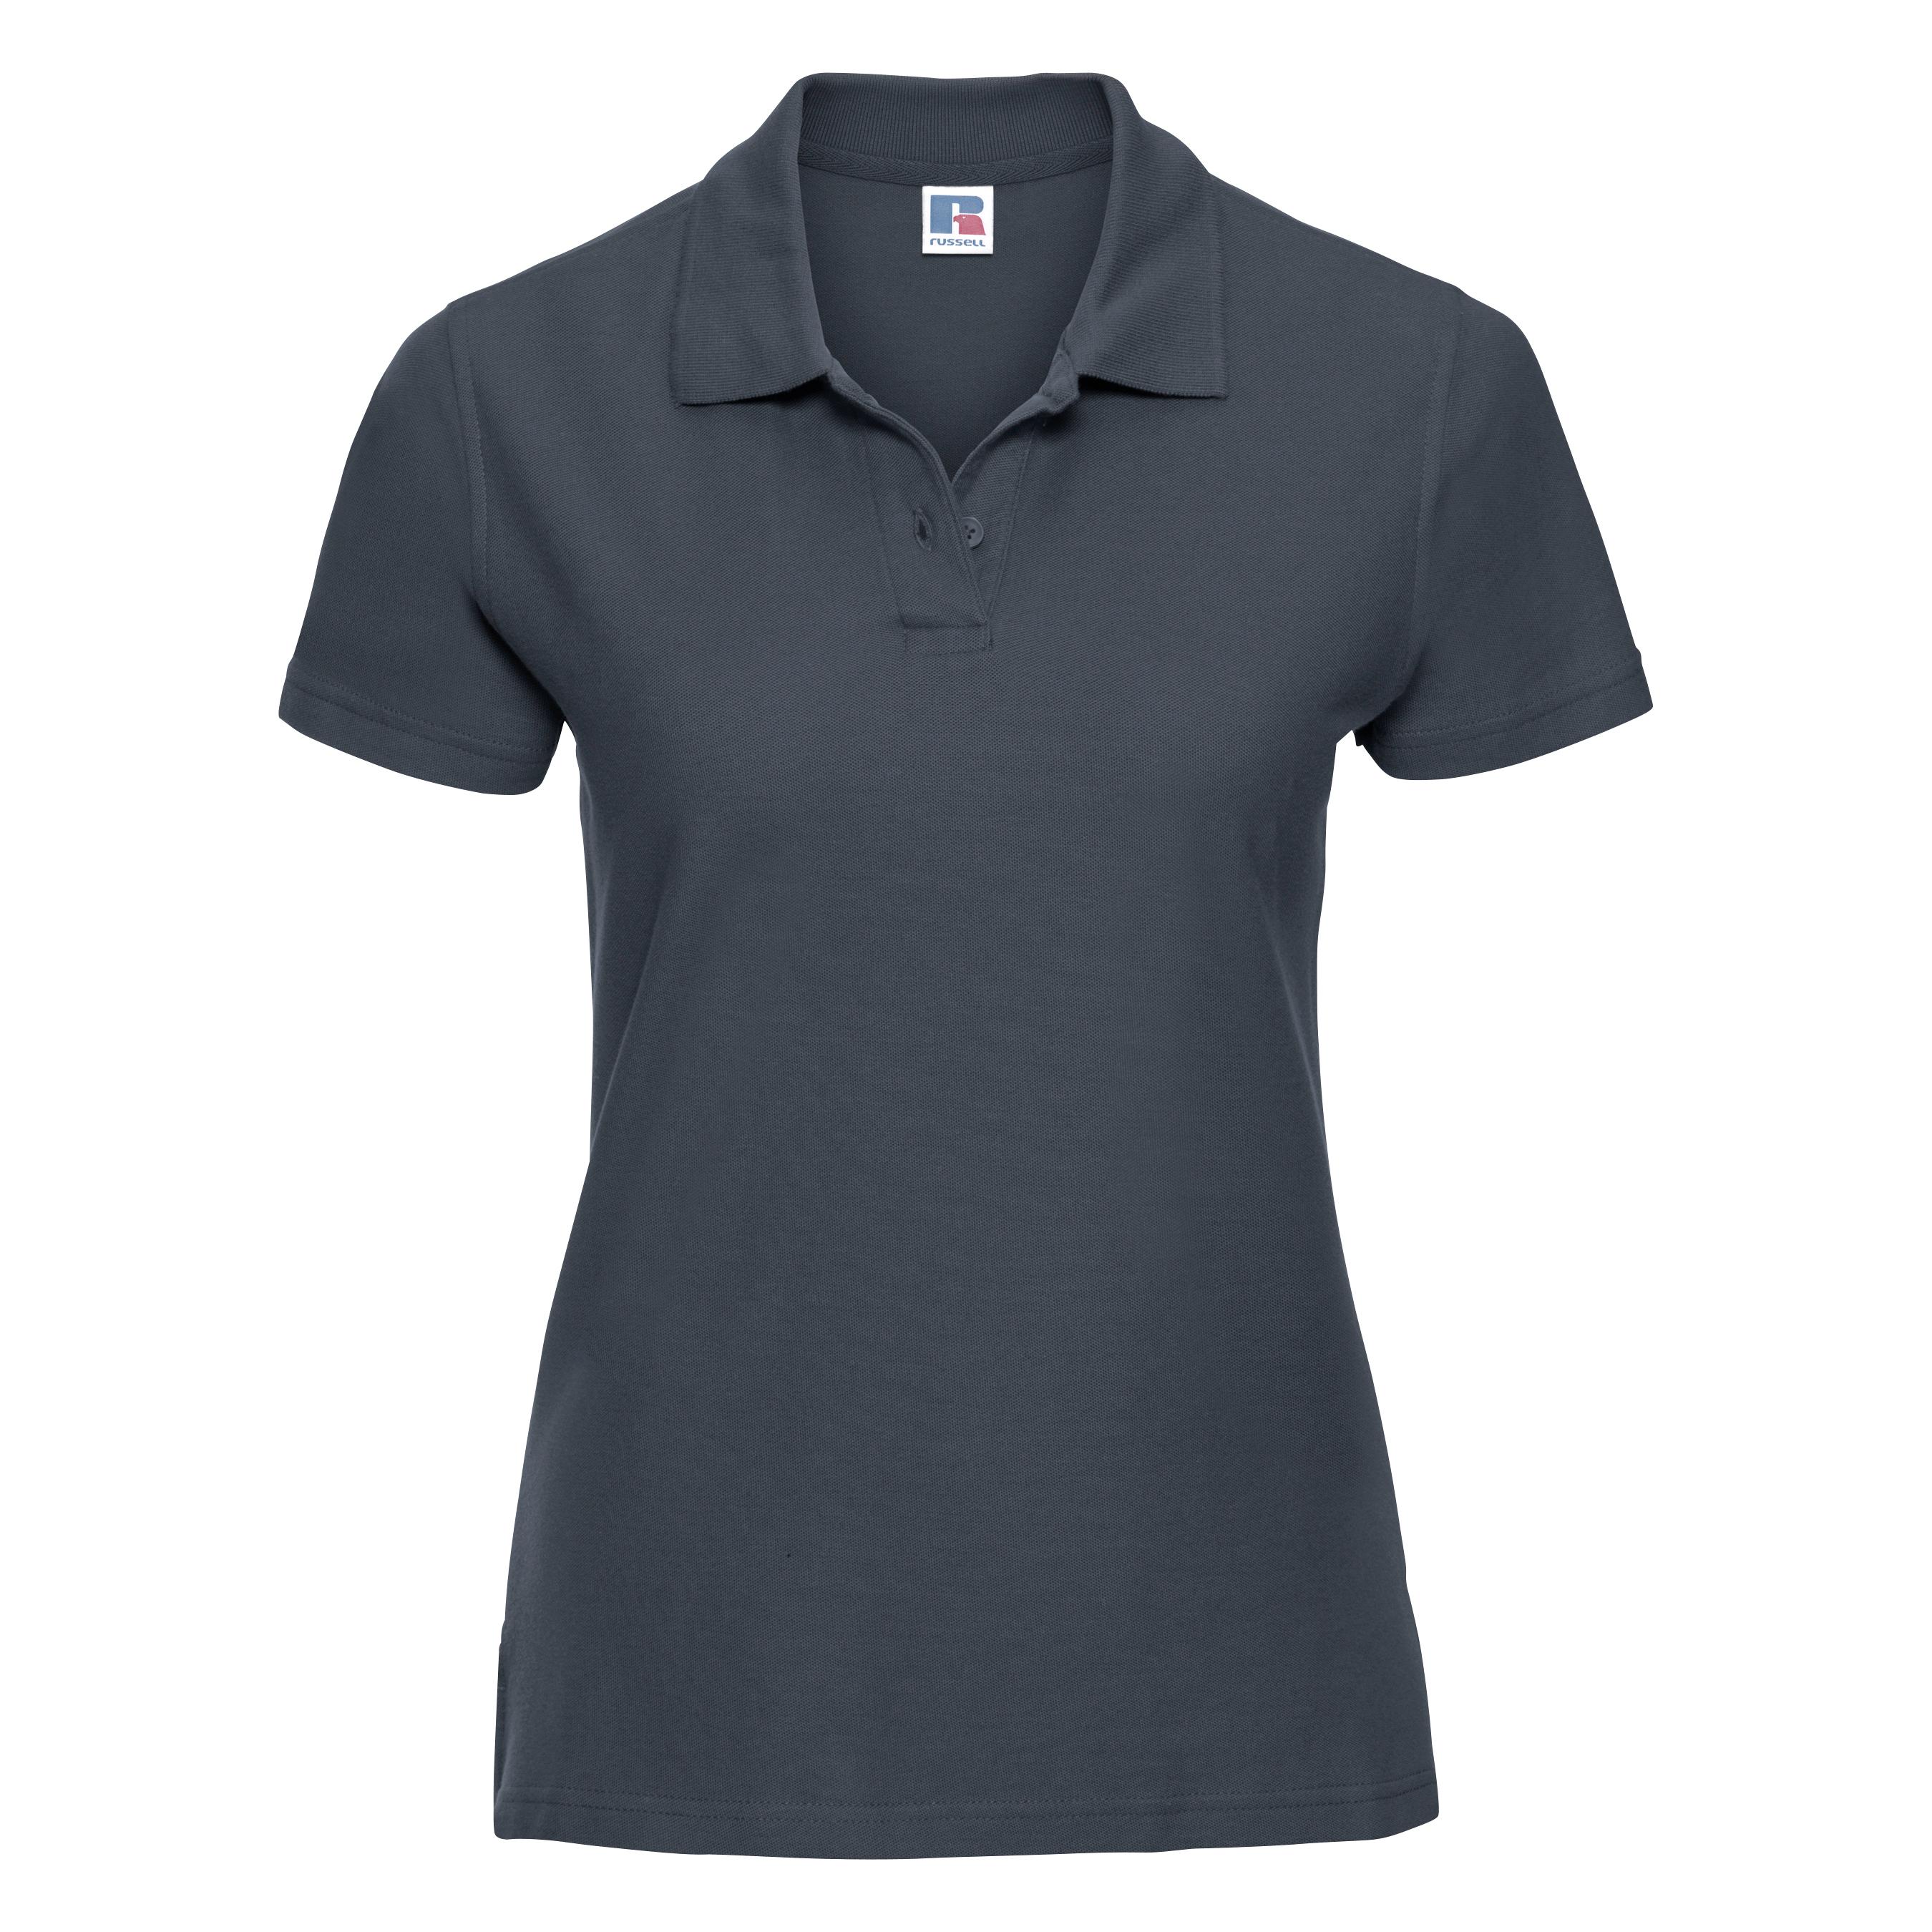 miniature 13 - Polo-uni-Russell-manches-courtes-100-coton-femme-et-fille-XS-2XL-RW3281